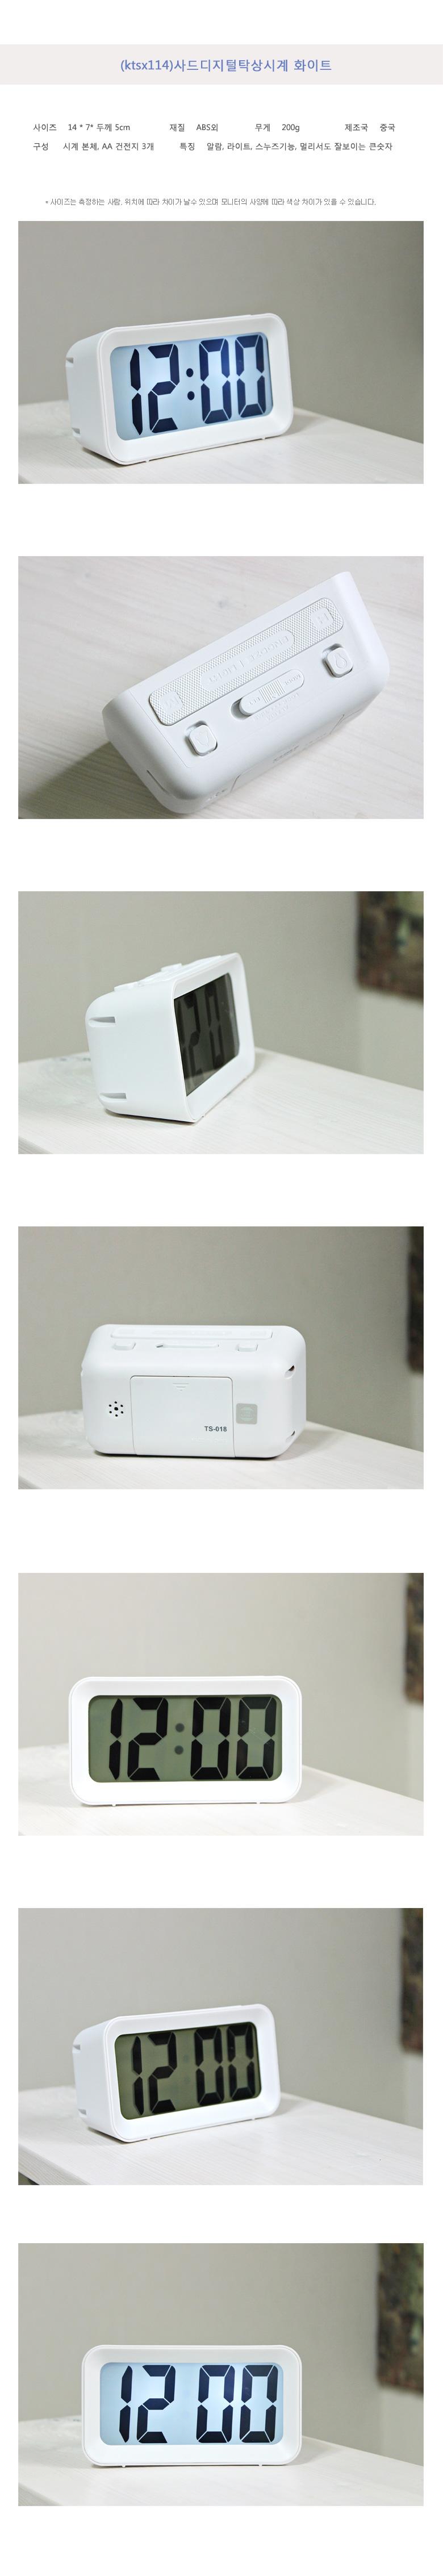 사드디지털탁상시계 화이트 - 키다리, 22,000원, 알람/탁상시계, LED/디지털시계